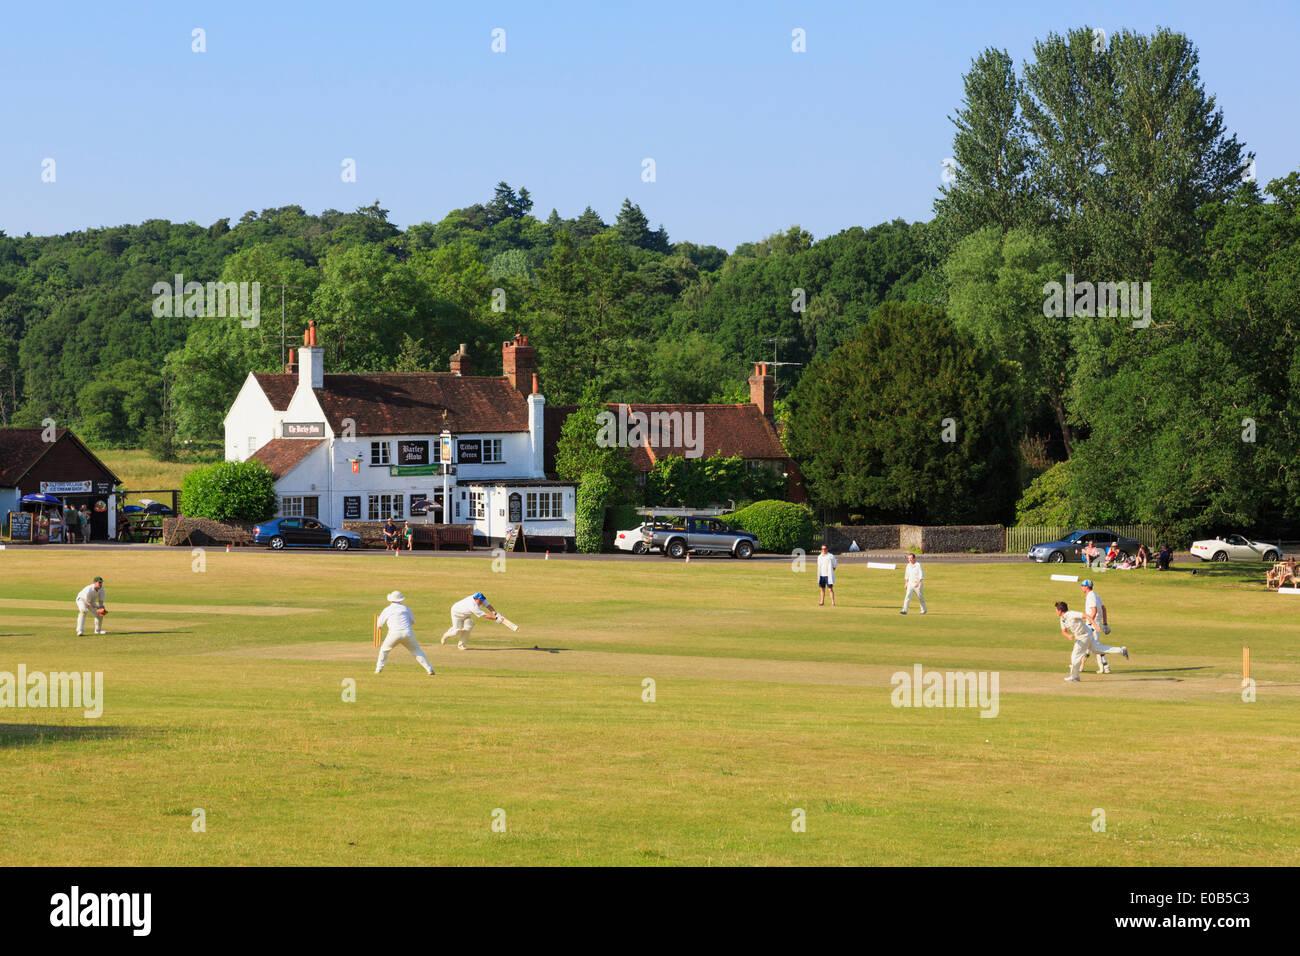 Le squadre locali giocando una partita di cricket sul villaggio verde nella parte anteriore di orzo Mow pub in una sera d'estate. Tilford Surrey in Inghilterra REGNO UNITO Immagini Stock